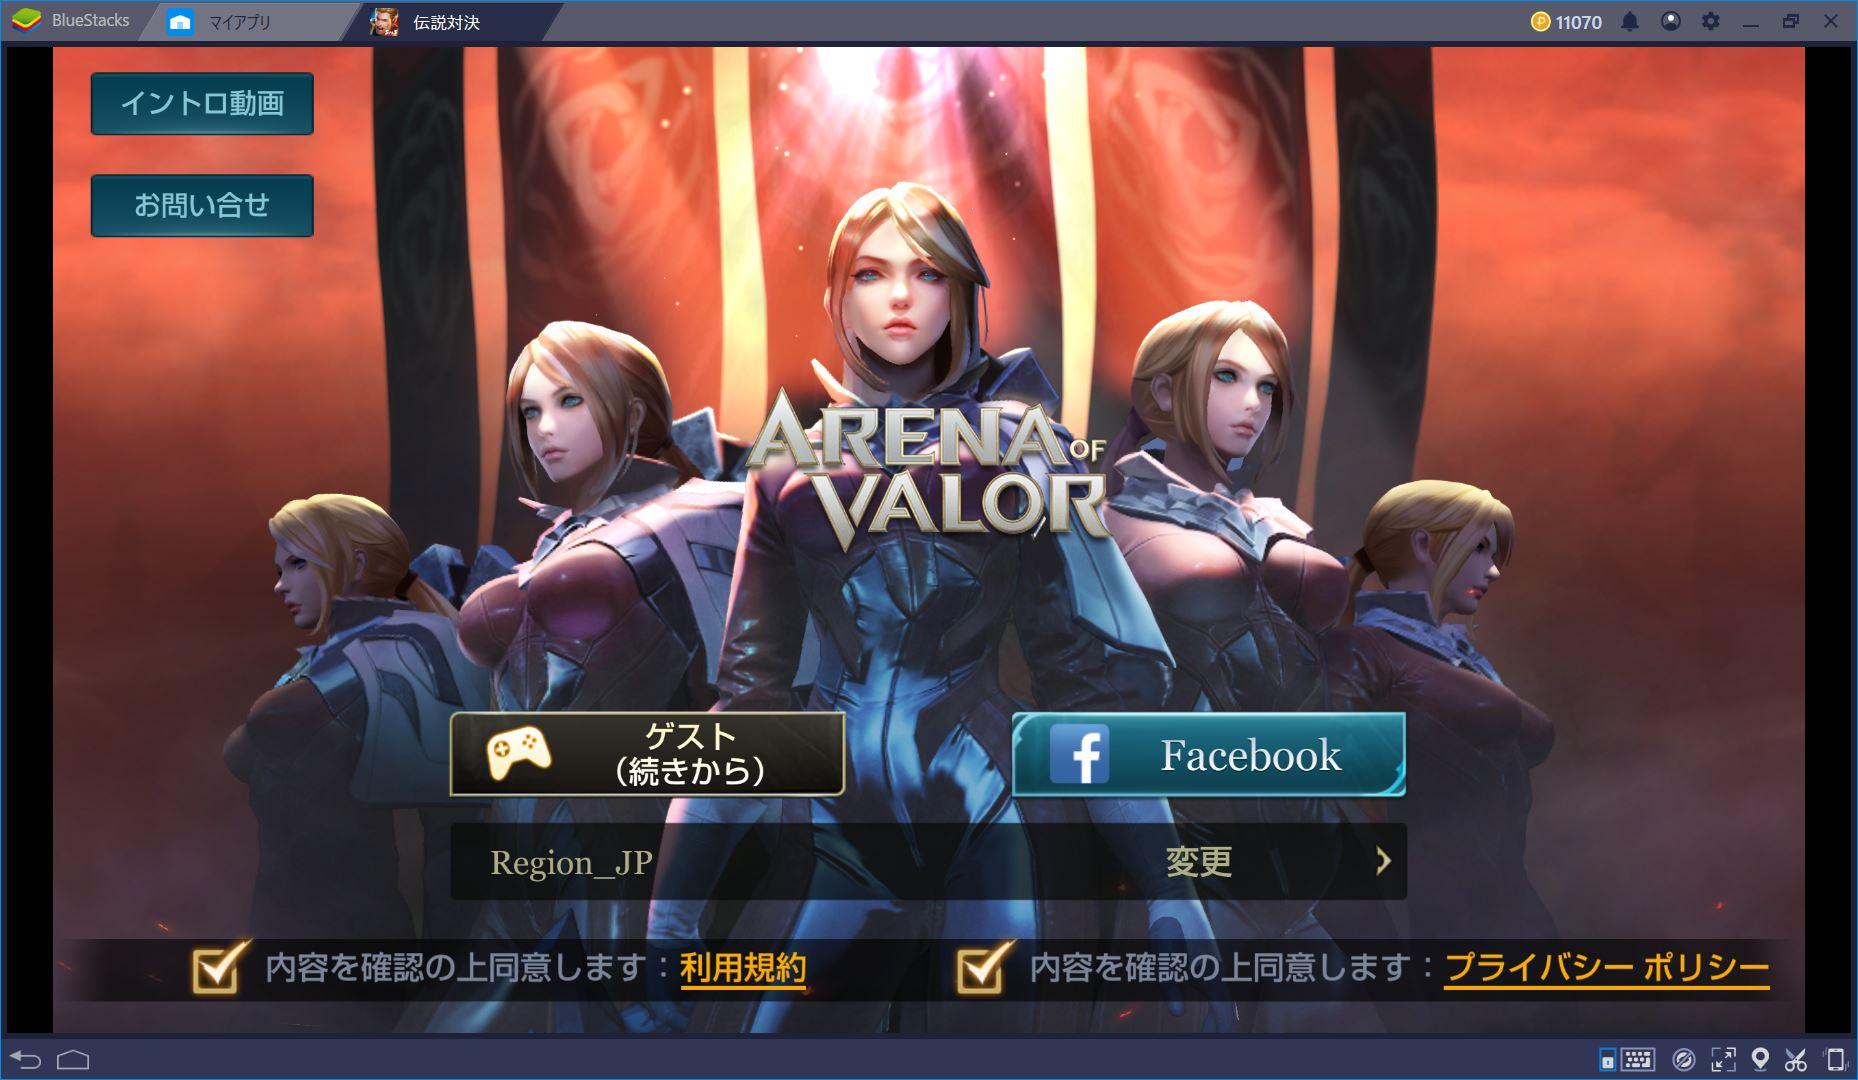 BlueStacksを使ってPCで伝説対決 -Arena of Valor-を遊ぼう